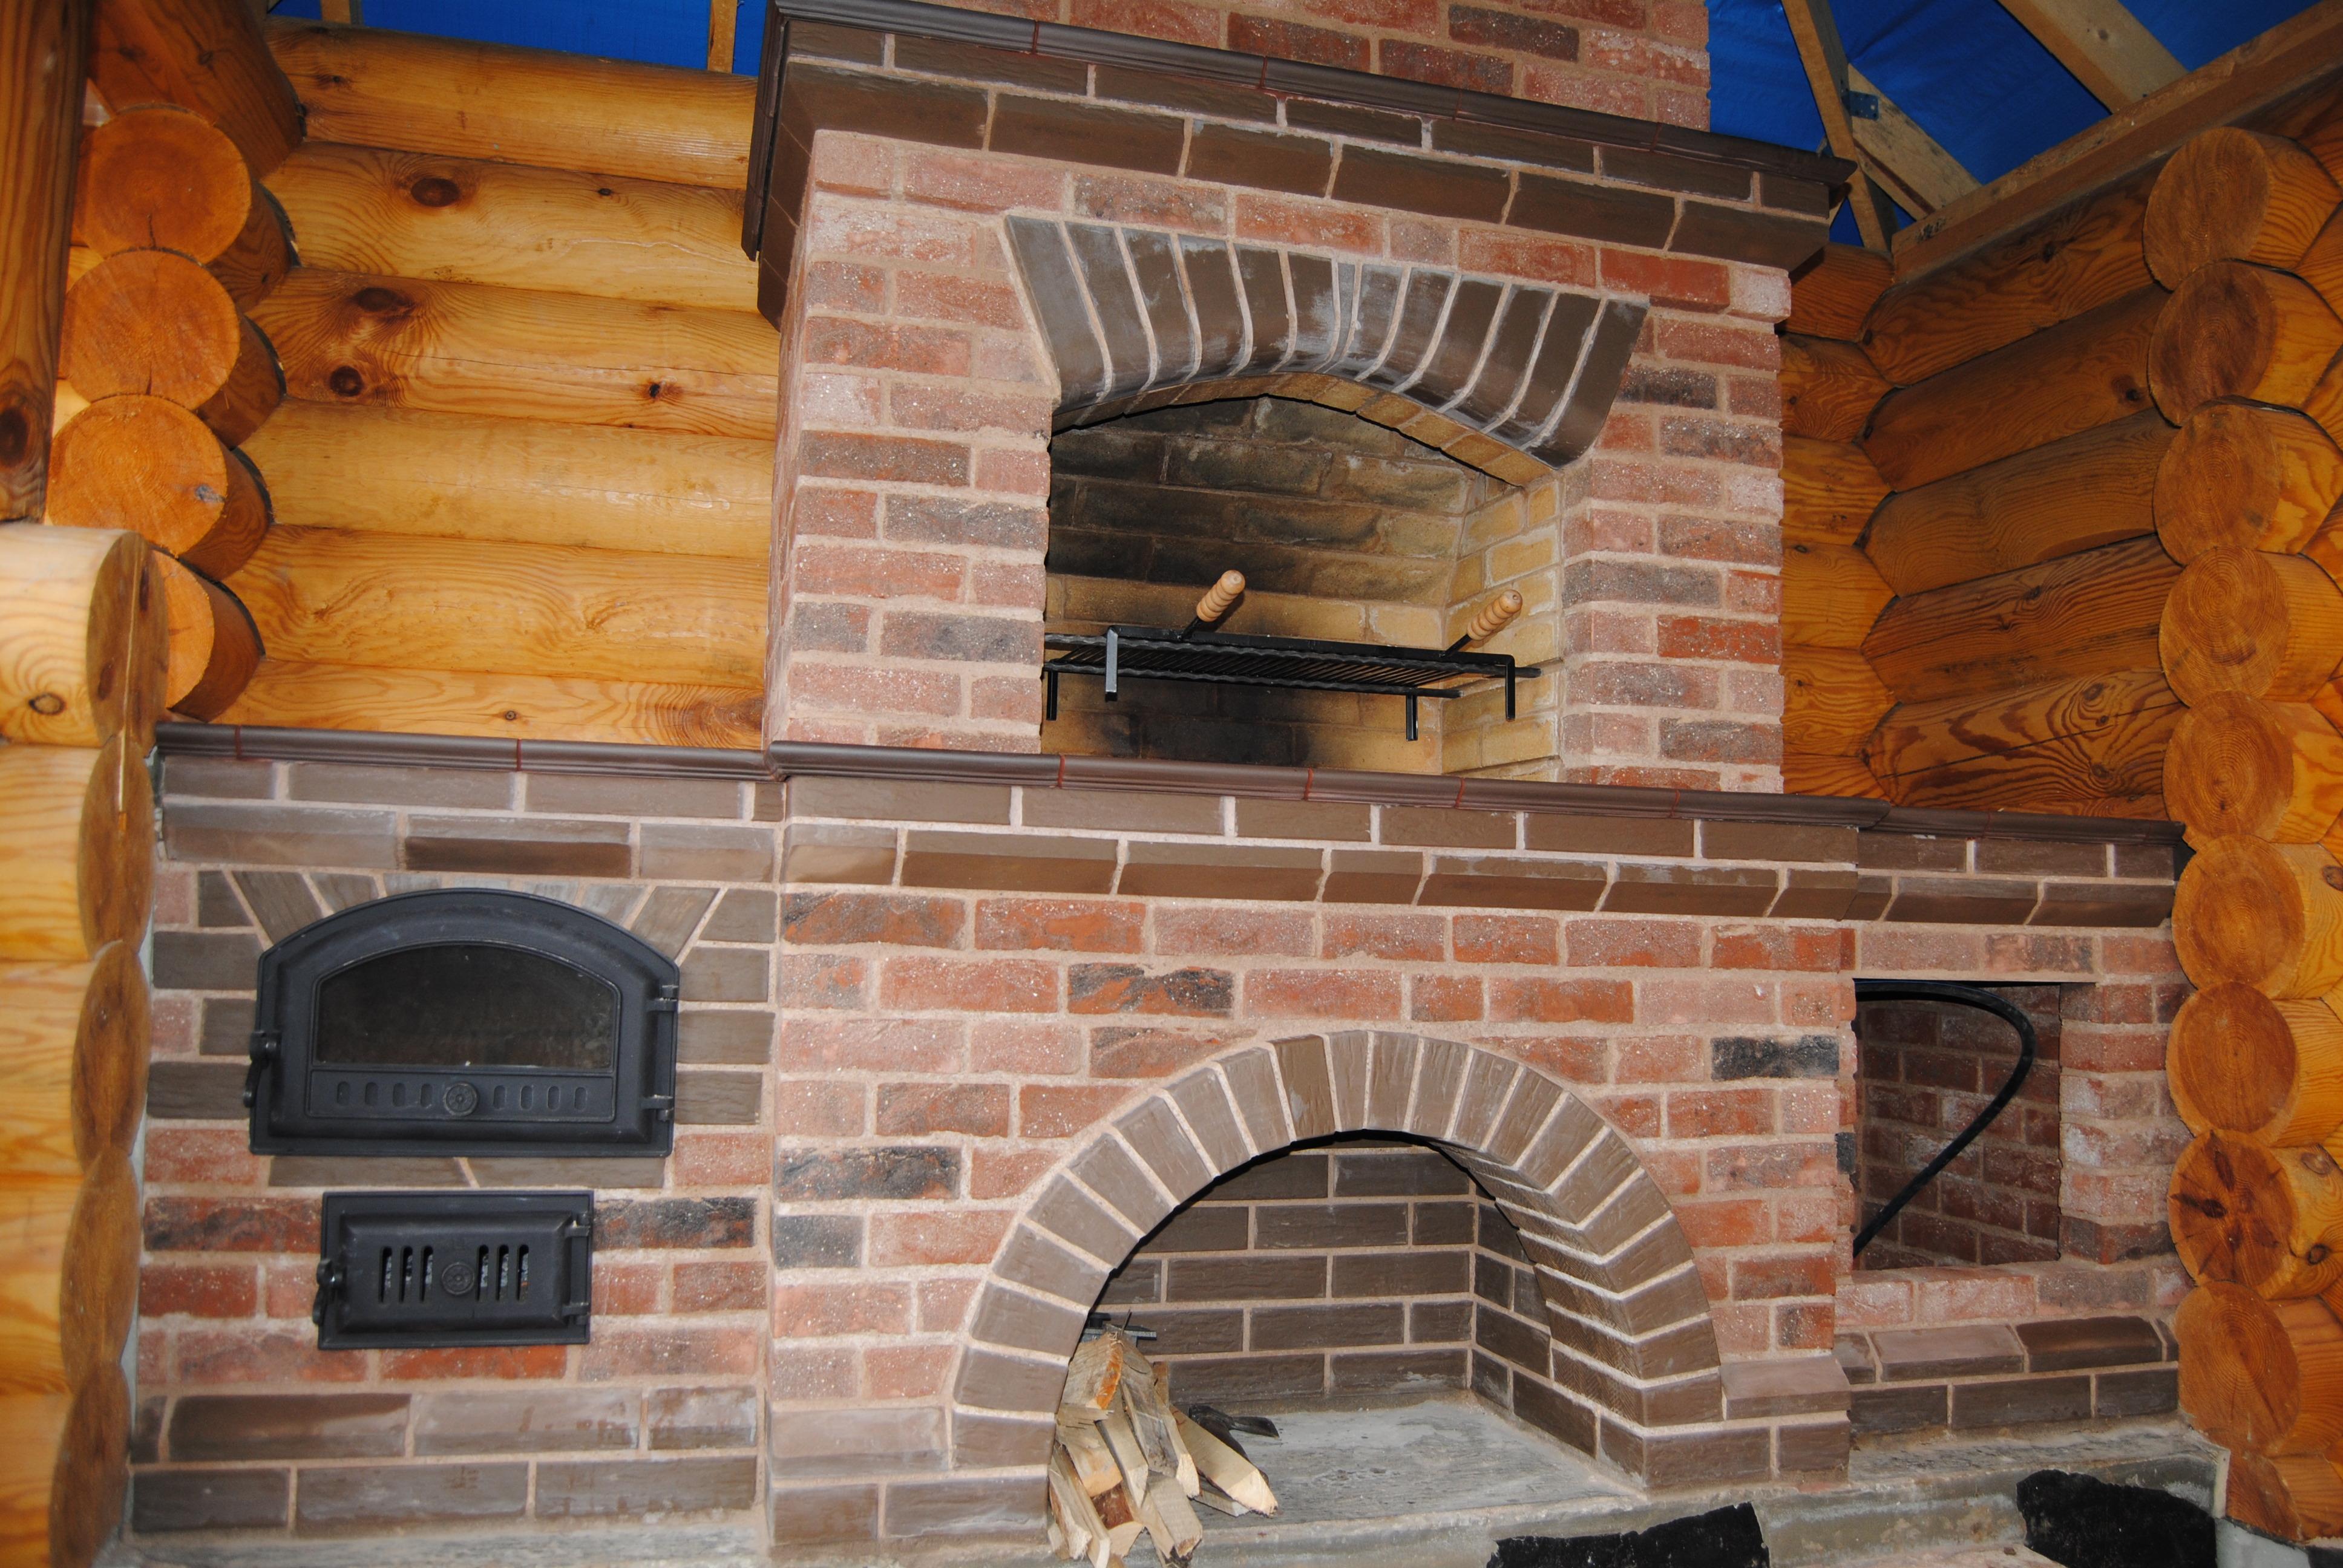 Construire Un Foyer Extérieur poêle à barbecue (48 photos): complexe extérieur avec